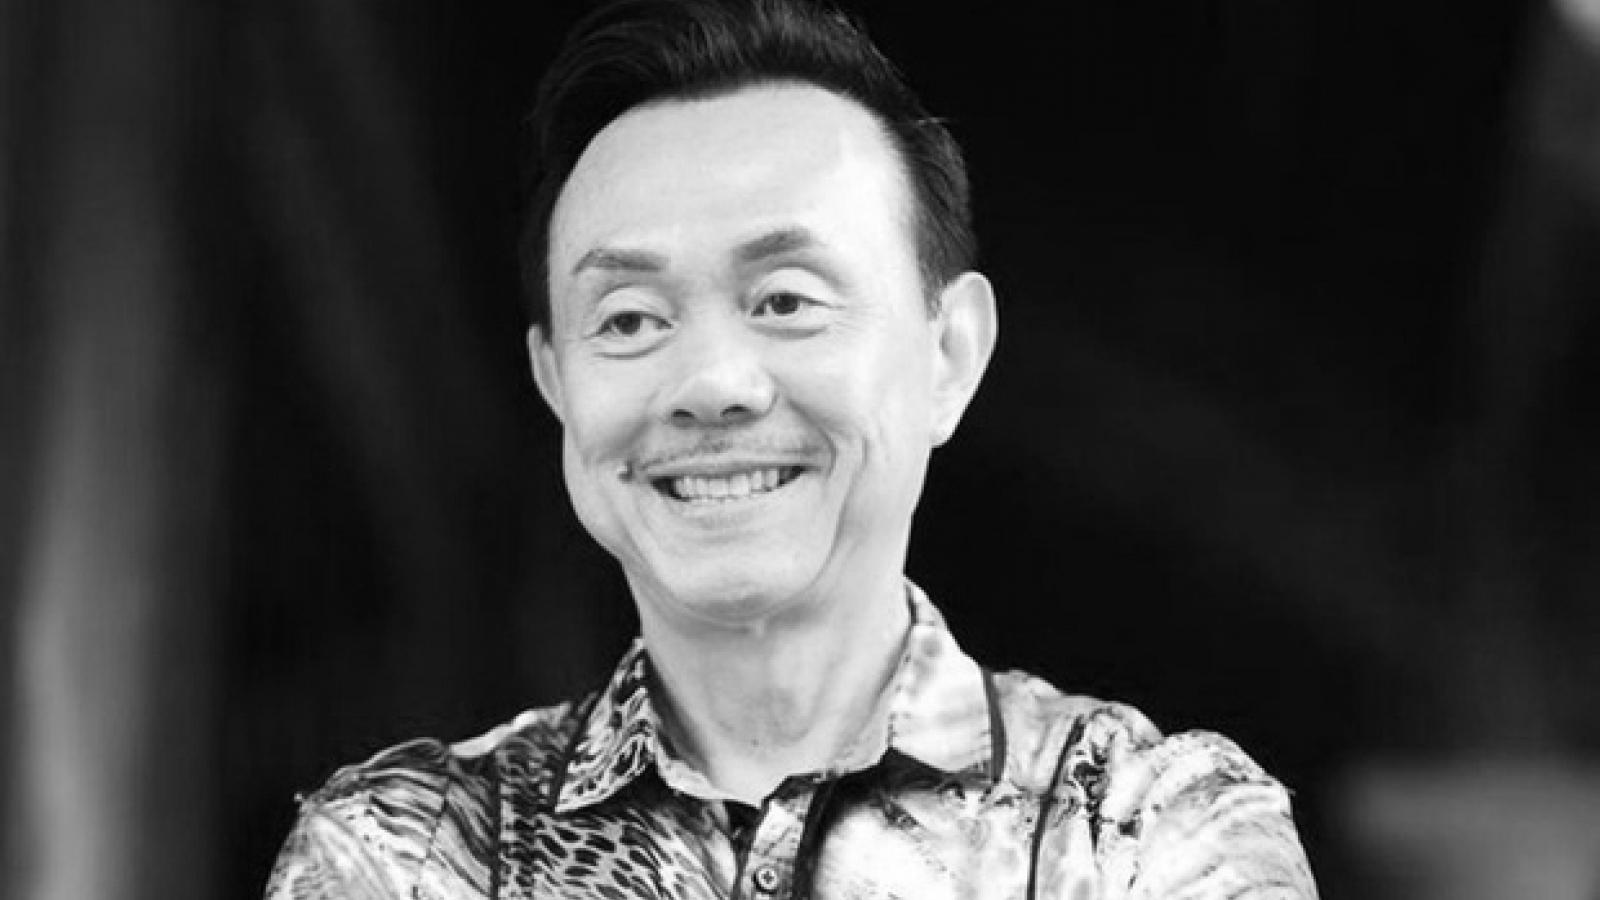 Danh hài Chí Tài đột ngột qua đời do đột quỵ ở tuổi 62